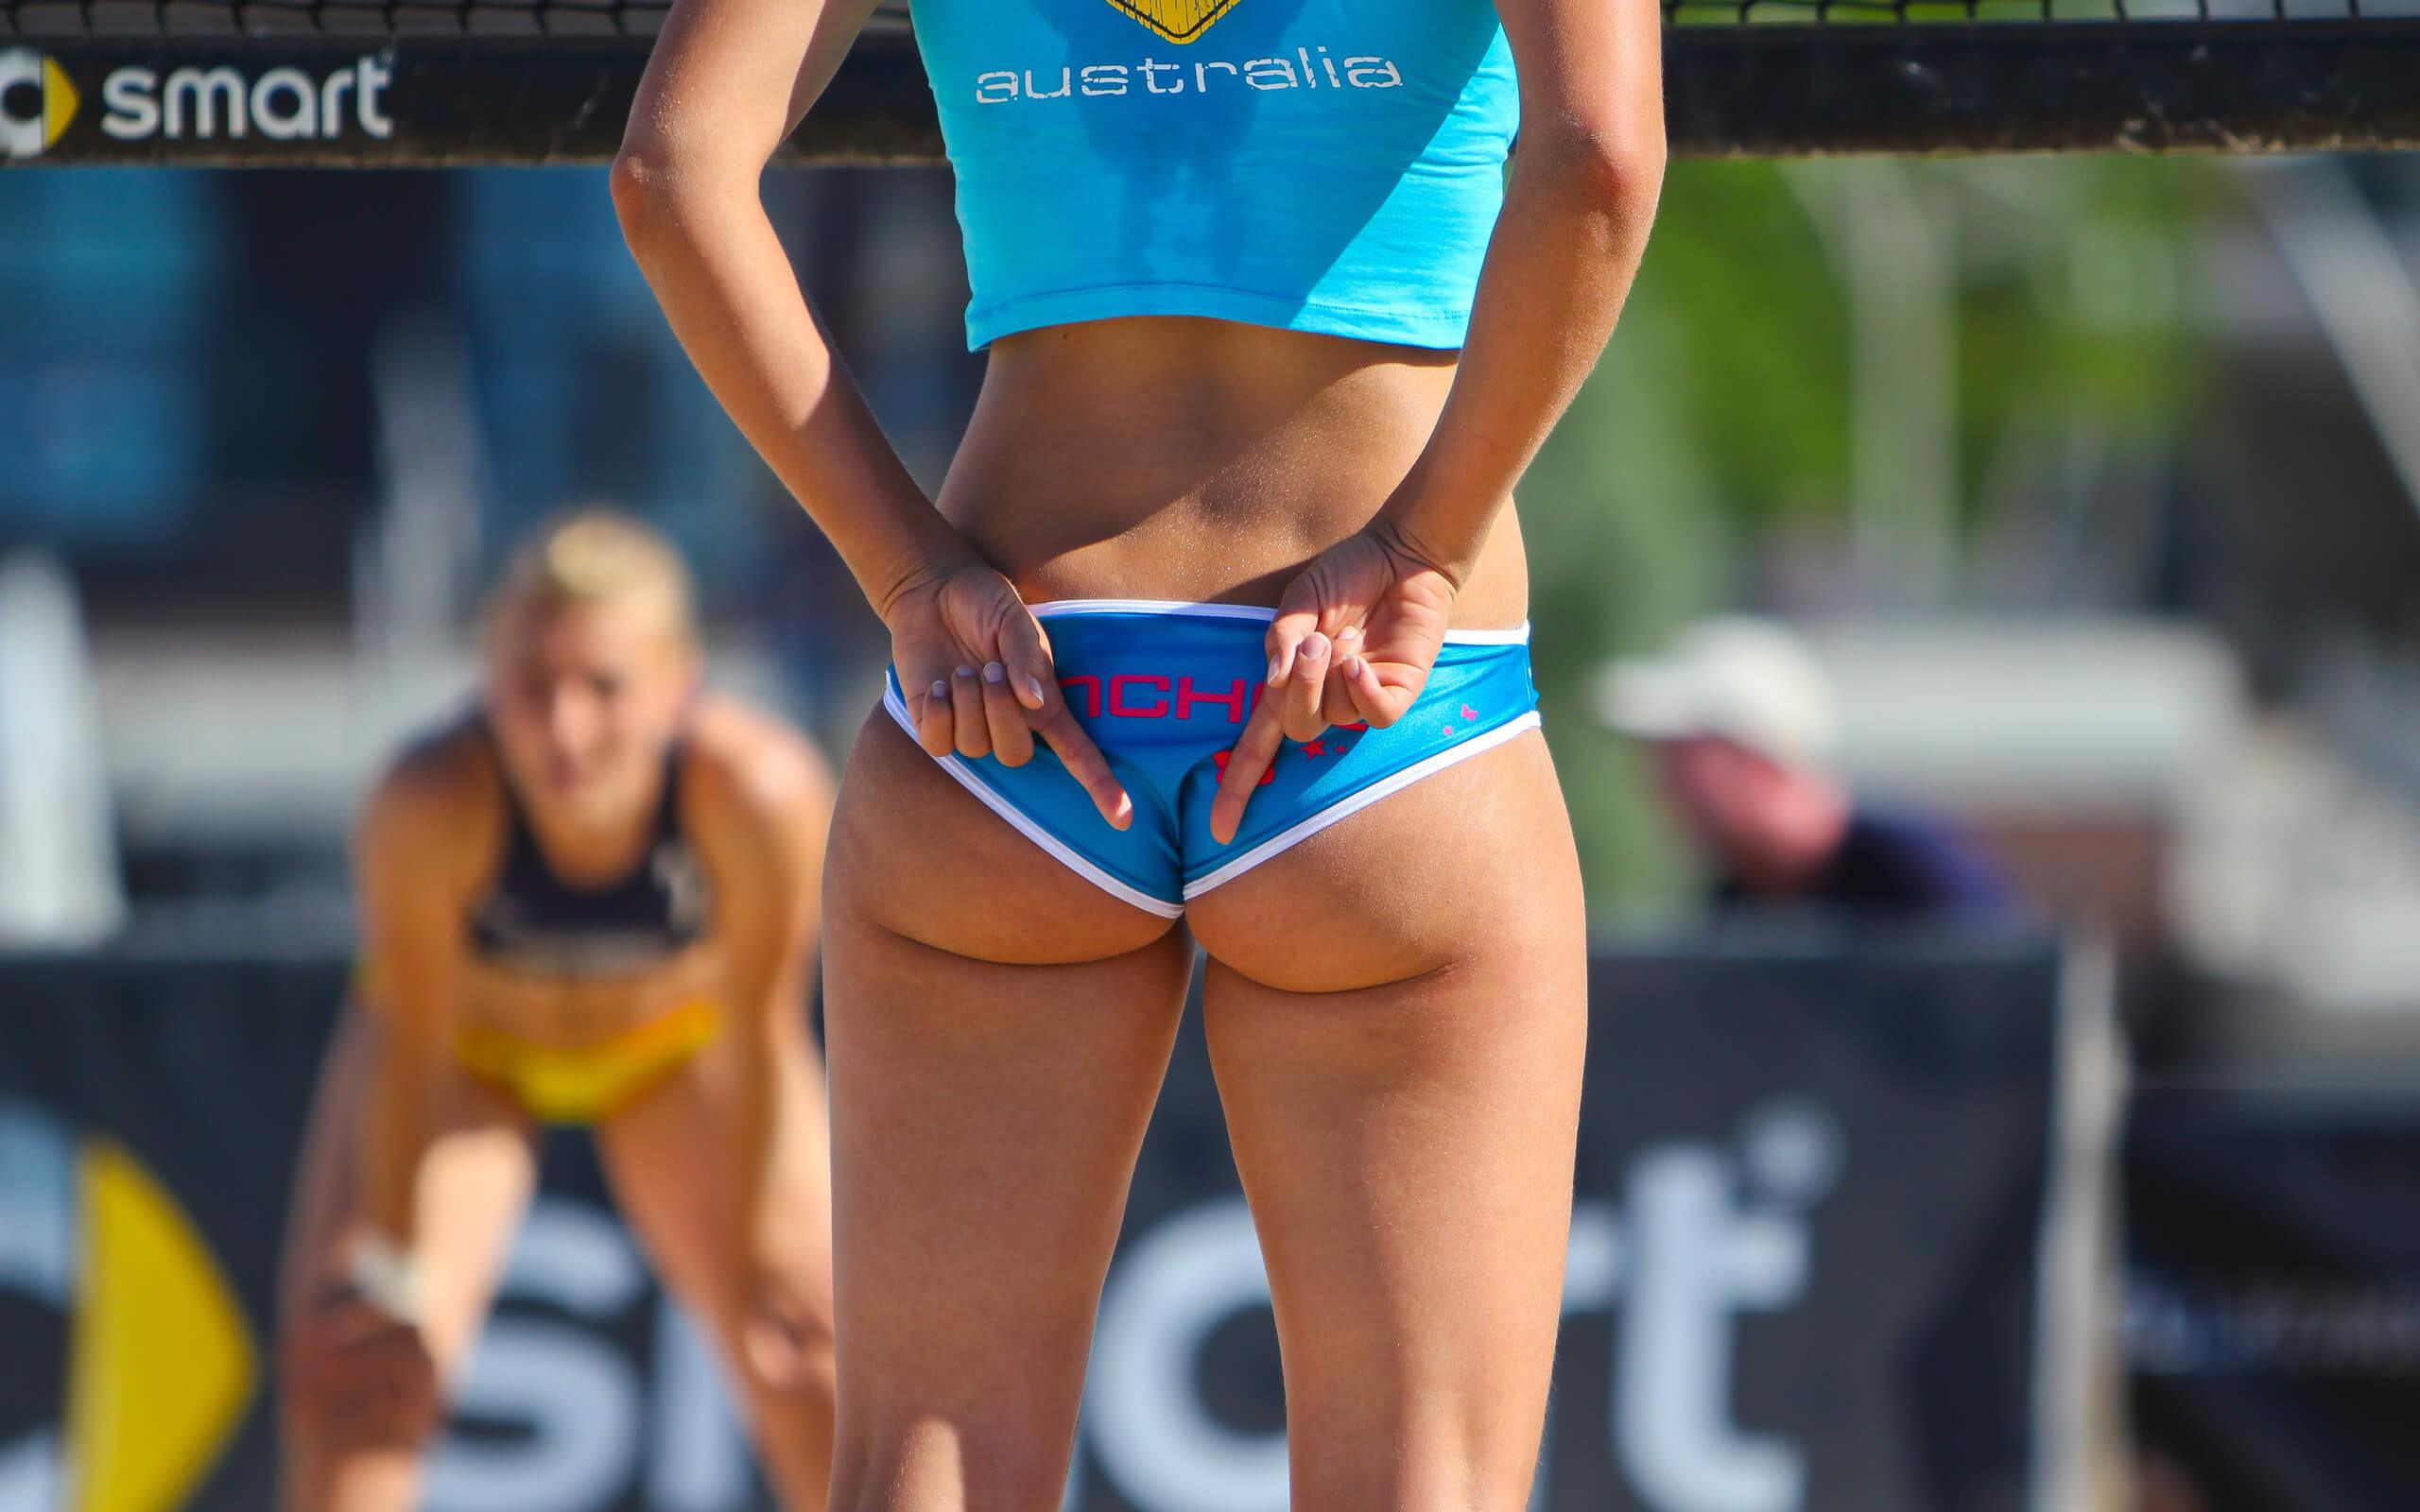 Телка на волейболе, Девчонки устроили обнаженный волейбол на пляже 25 фотография